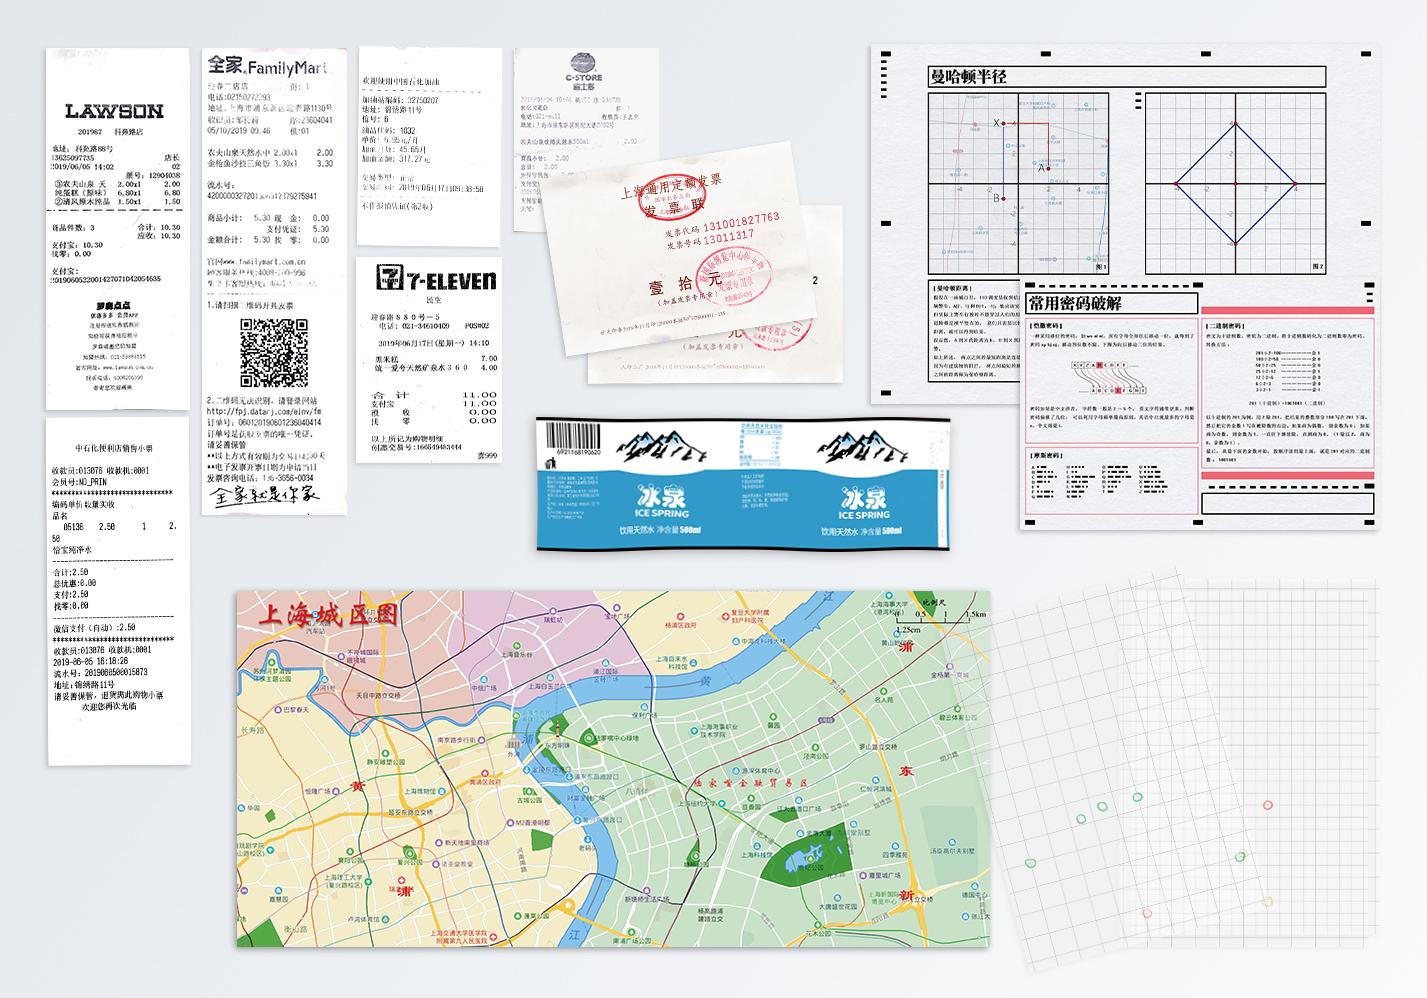 票据地图道具概念图.JPG